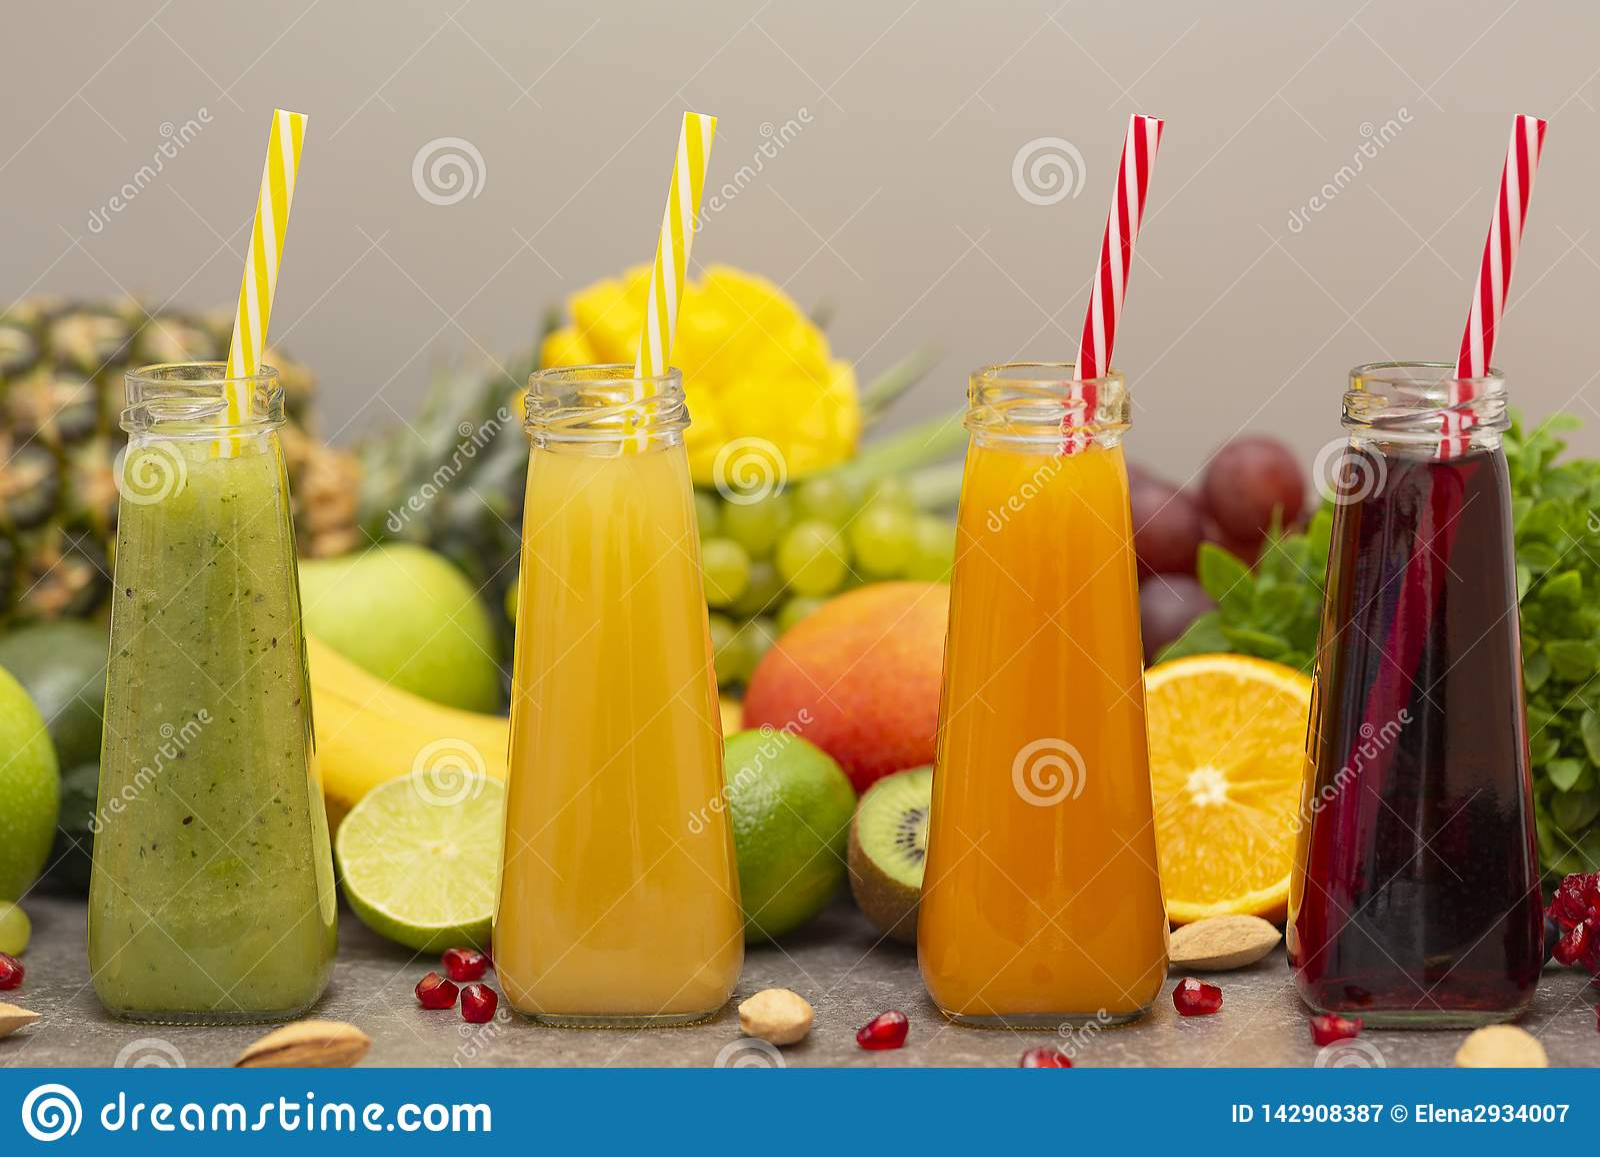 Surtido de smoothies de la fruta y verdura en las botellas de cristal Ingredientes orgánicos frescos del Smoothie Detox, dieta o